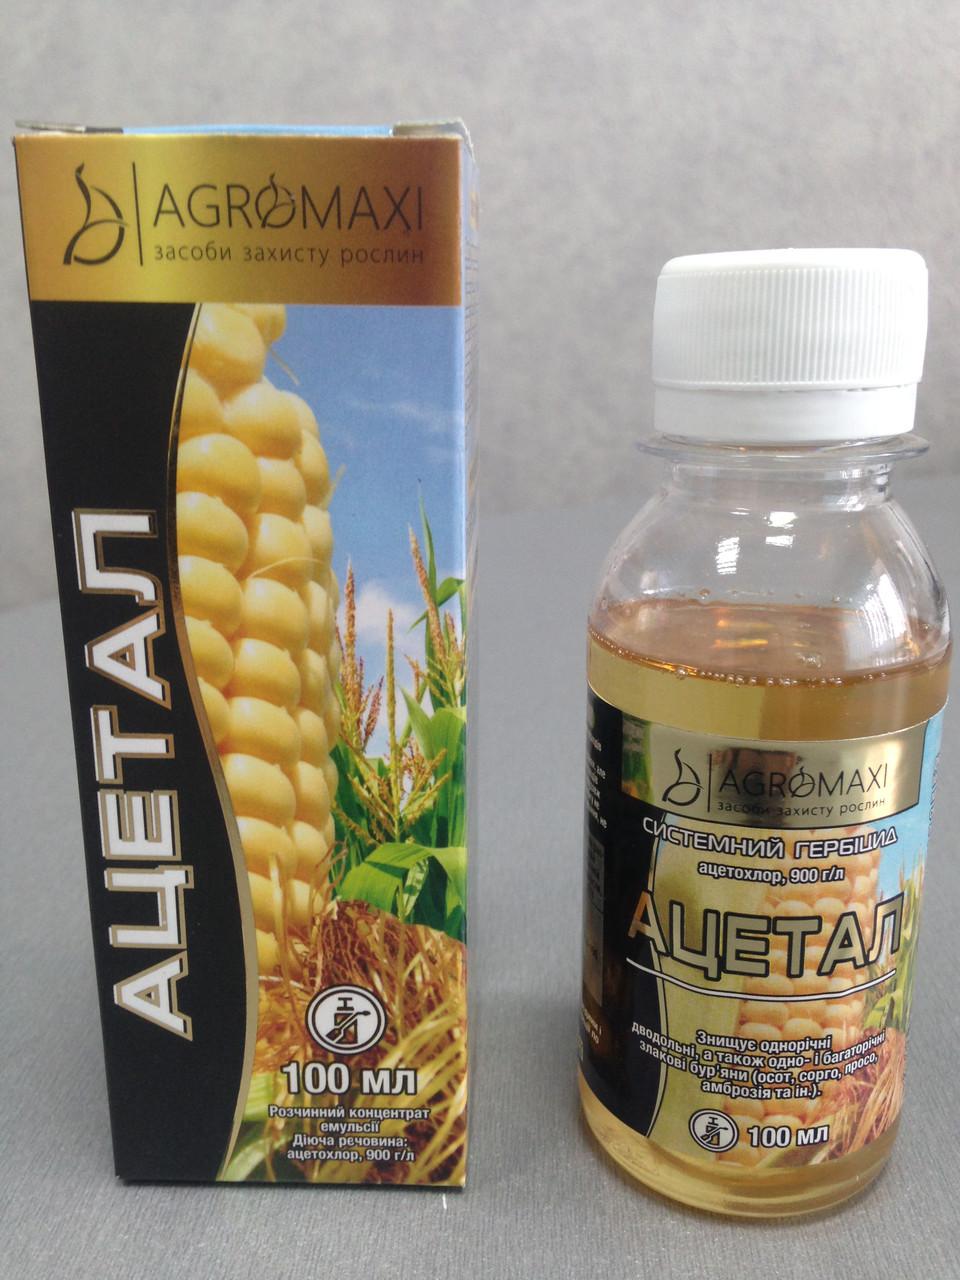 Гербицид Ацетал 100 мл Агромакси (лучшая цена купить оптом и в розницу)